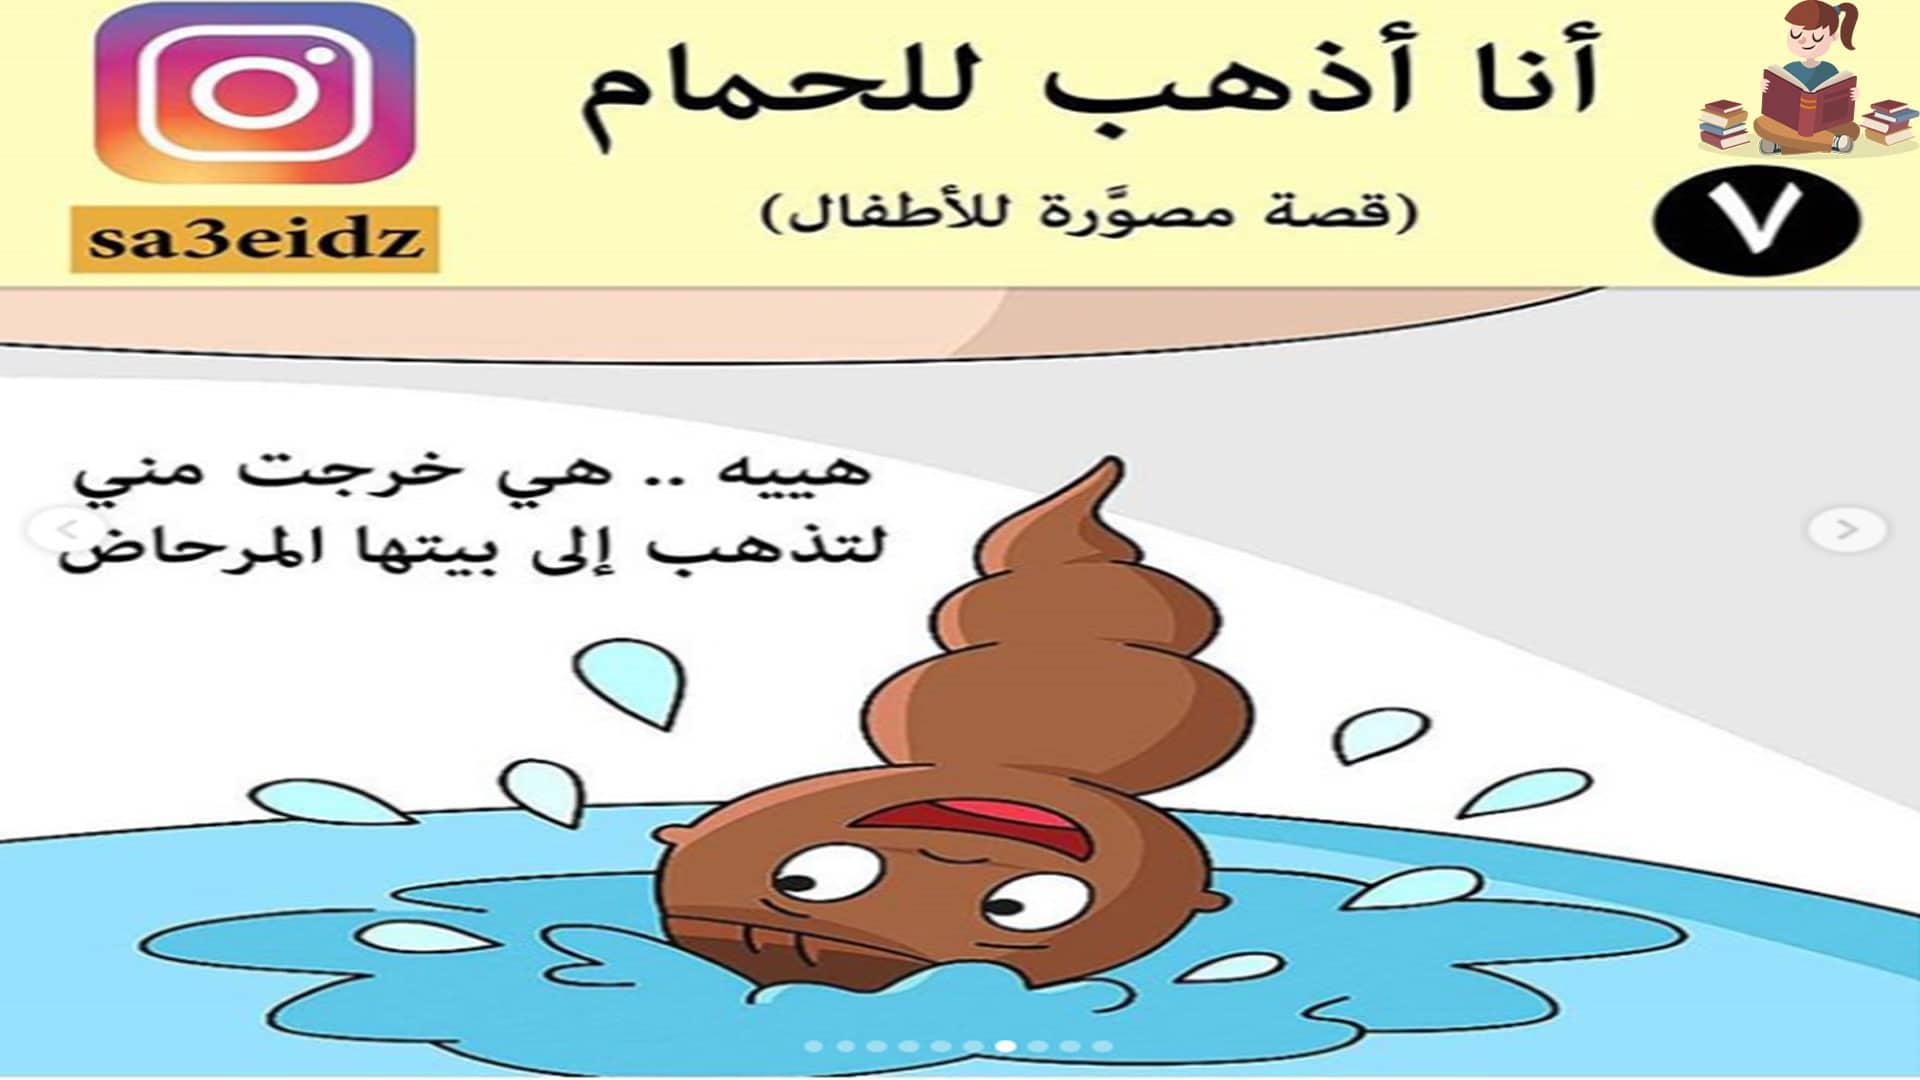 قصة عن تهيئة الطفل لاستخدام المرحاض من راويتي تروي قصة